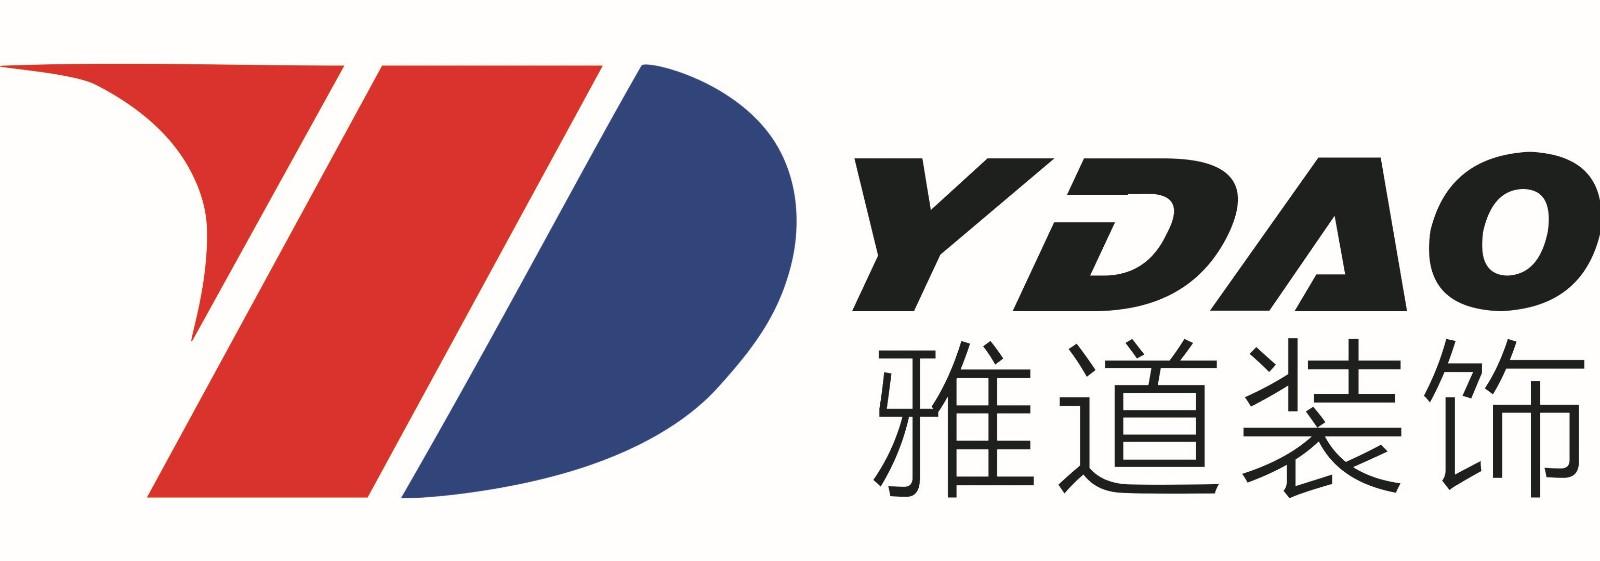 徐州雅道装饰工程有限公司